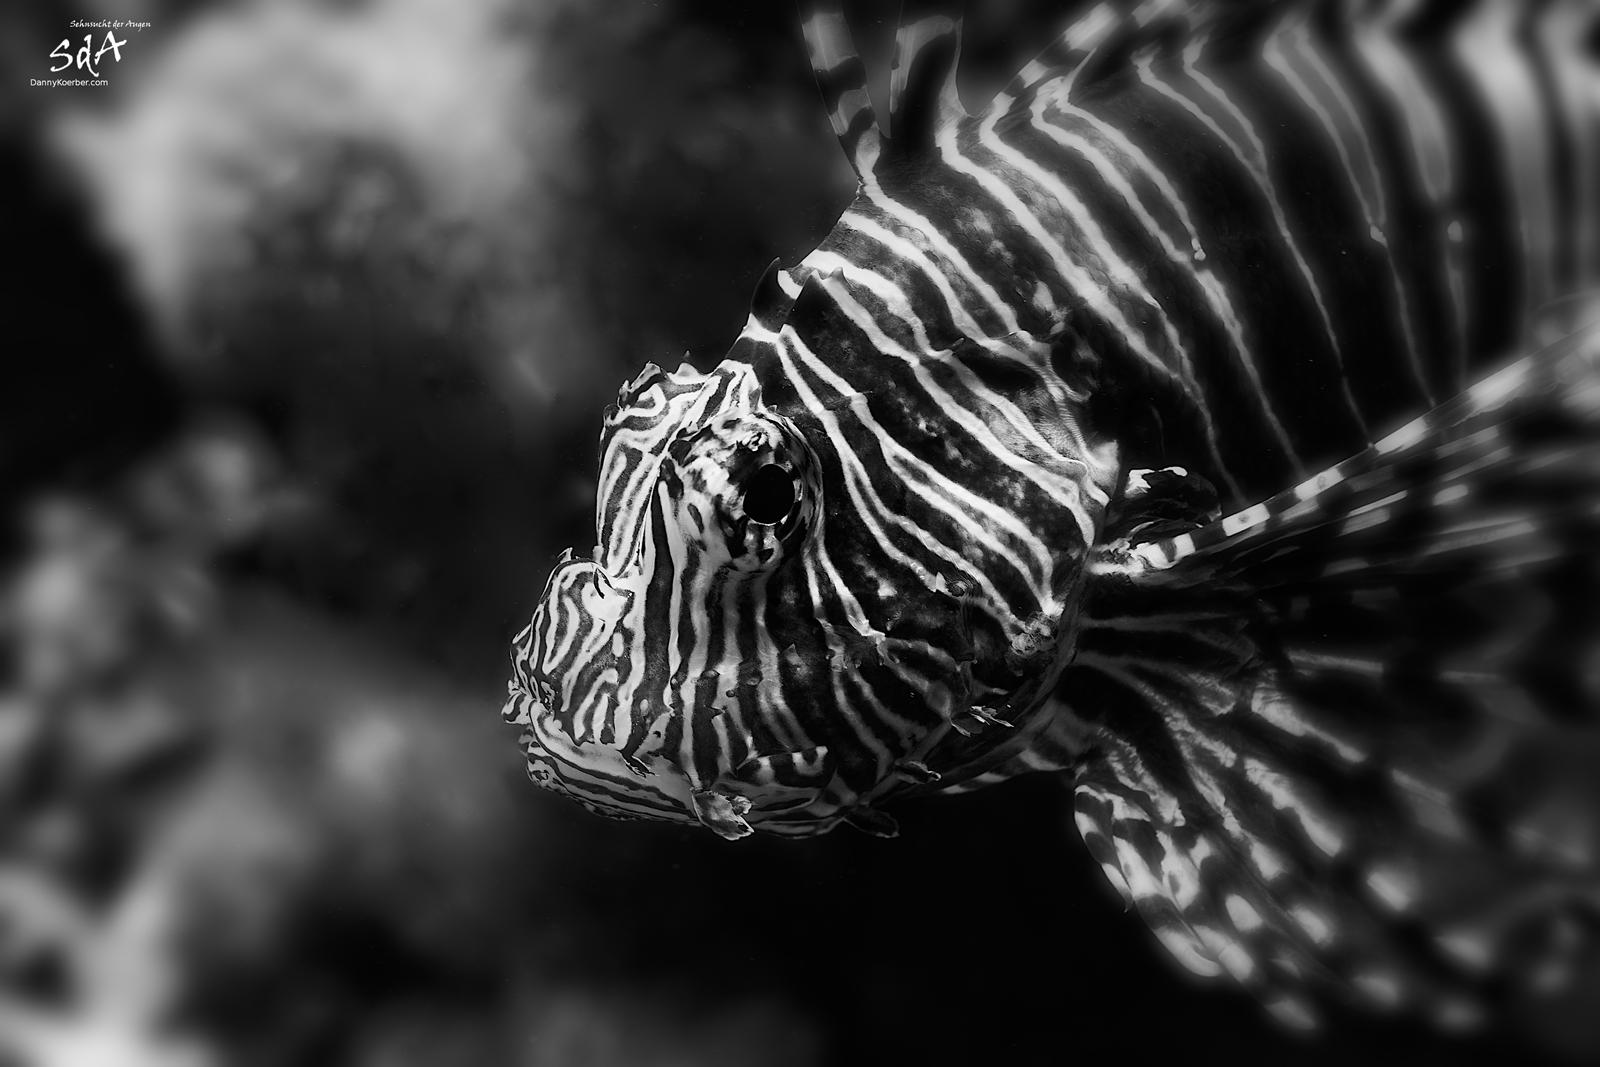 Der Löwenfisch beobachtet uns. Wassertiere von Danny Koerber für Sehnsucht der Augen fotografiert.